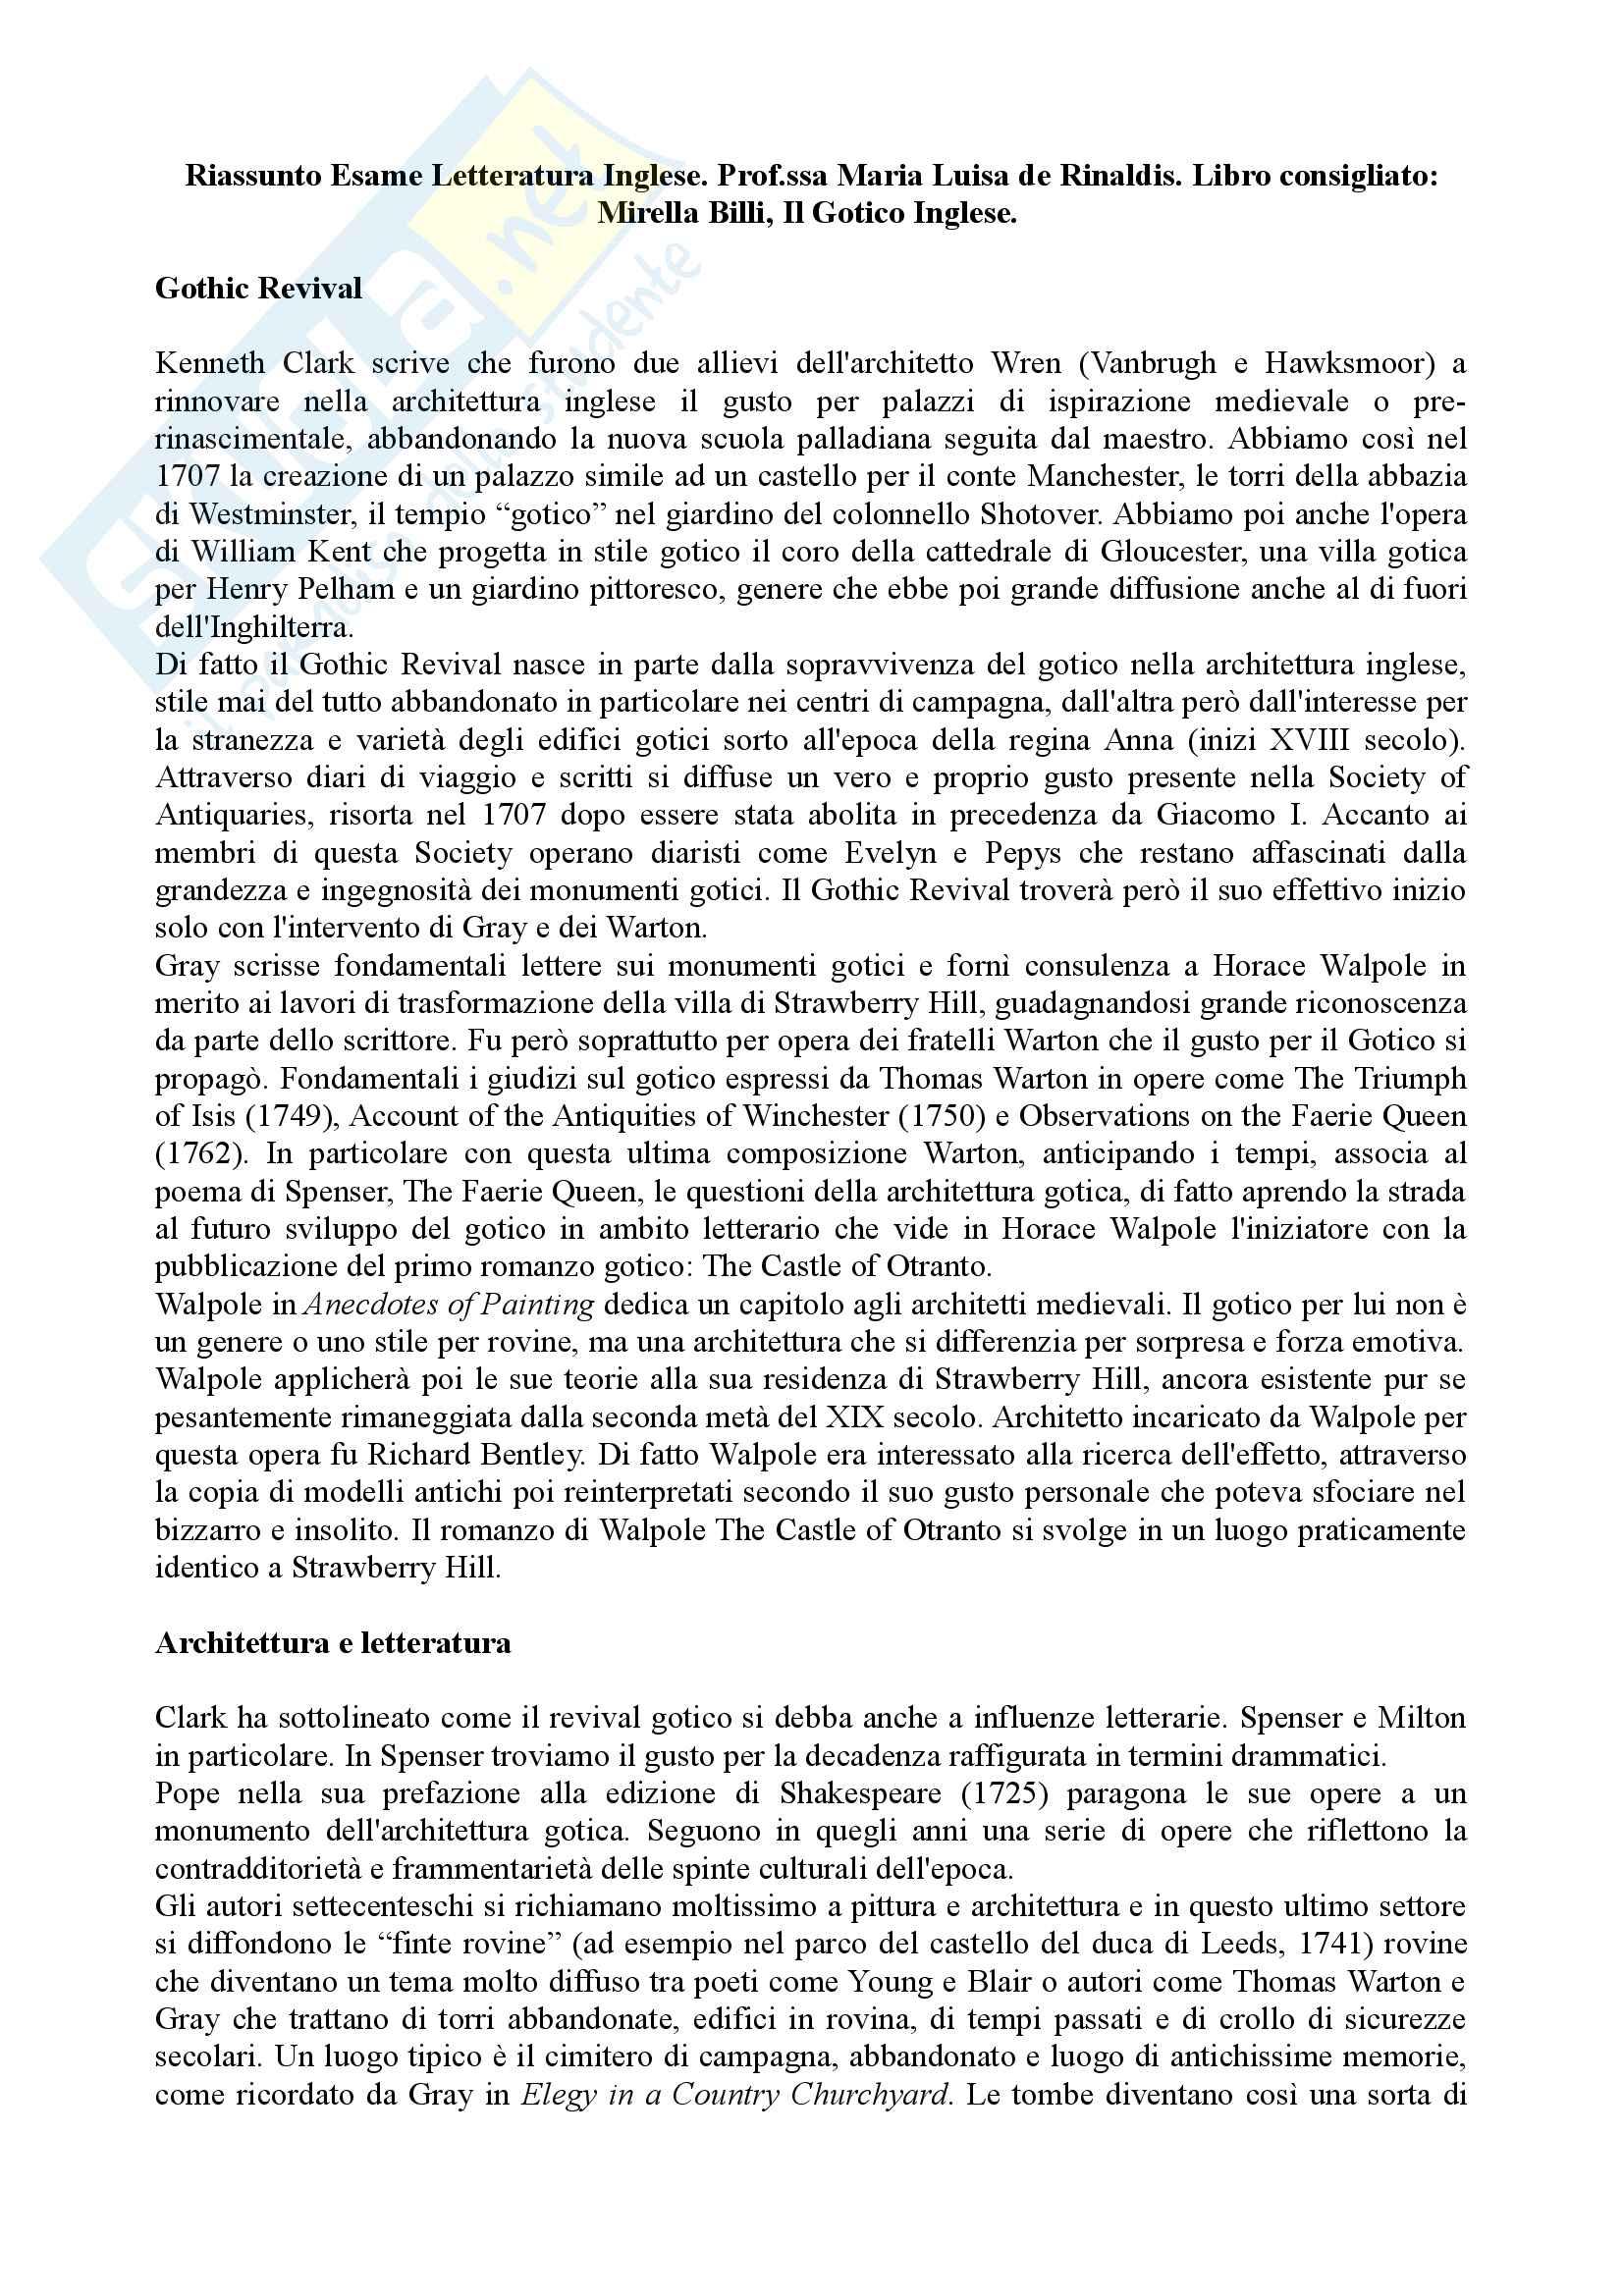 Riassunto Esame Letteratura Inglese. Prof.ssa Maria Luisa de Rinaldis. Libro consigliato: Mirella Billi, Il Gotico Inglese